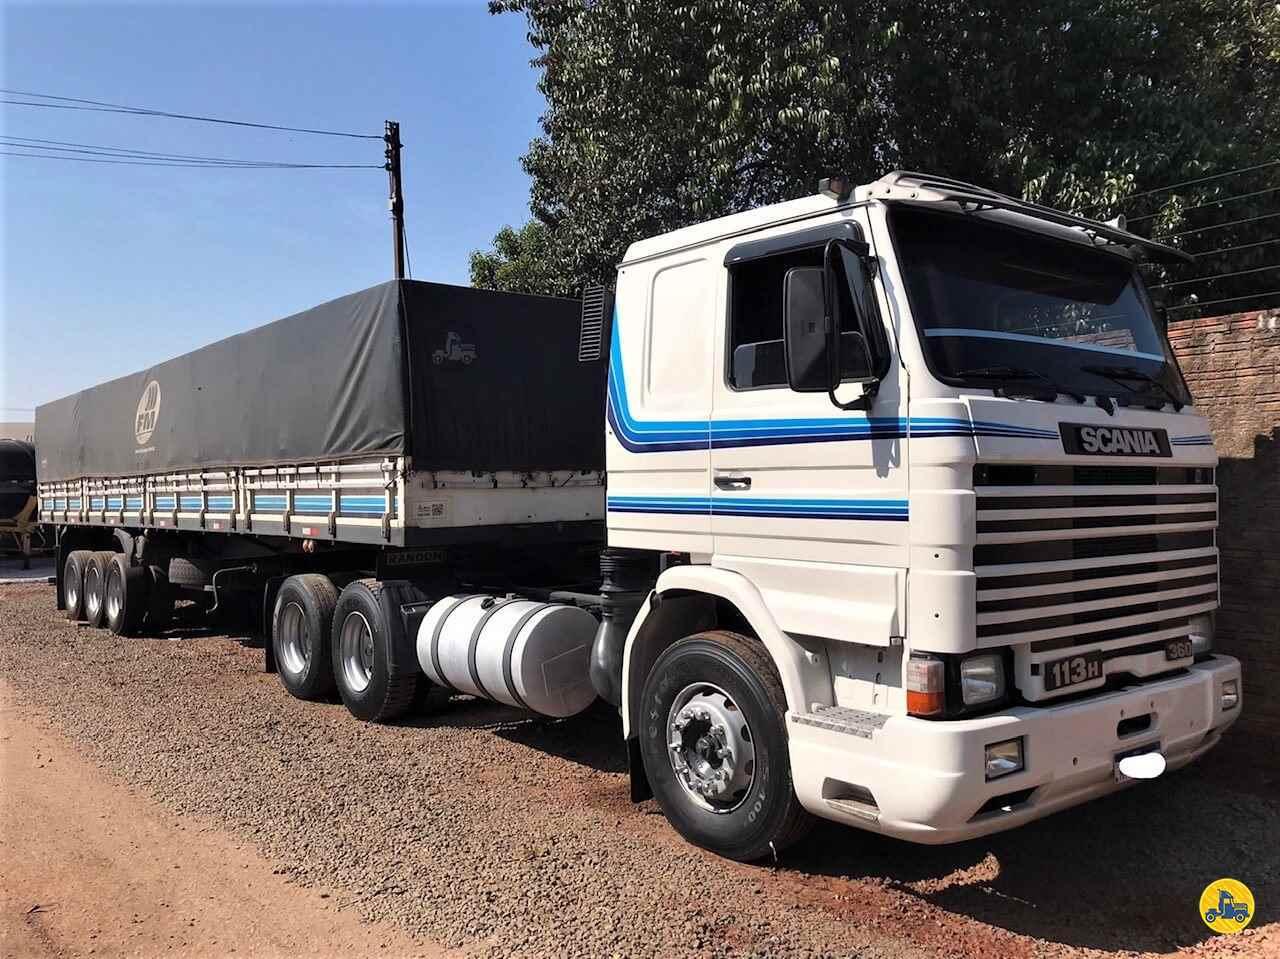 CAMINHAO SCANIA SCANIA 113 360 Cavalo Mecânico Truck 6x2 JK Caminhões PR SARANDI PARANÁ PR